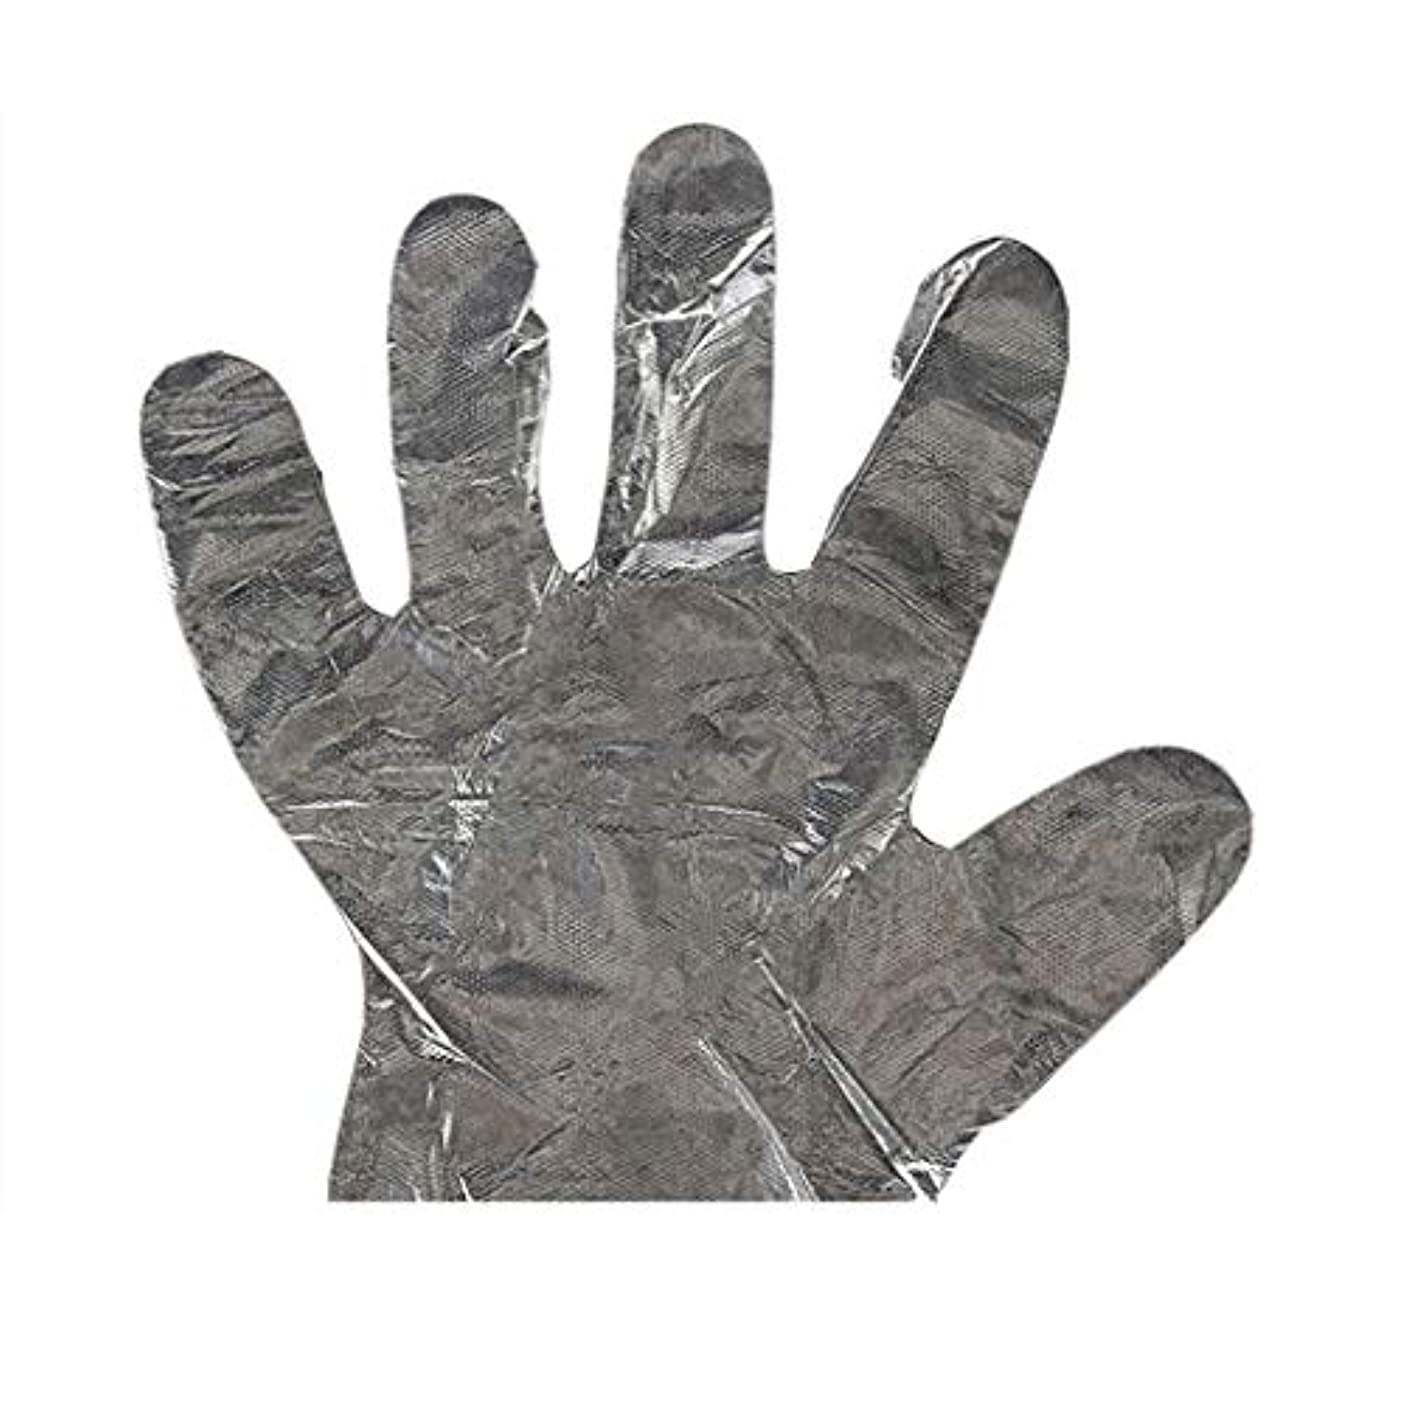 アルコール端末接ぎ木手袋の使い捨て手袋PEの衛生的な食糧手袋100パッケージ